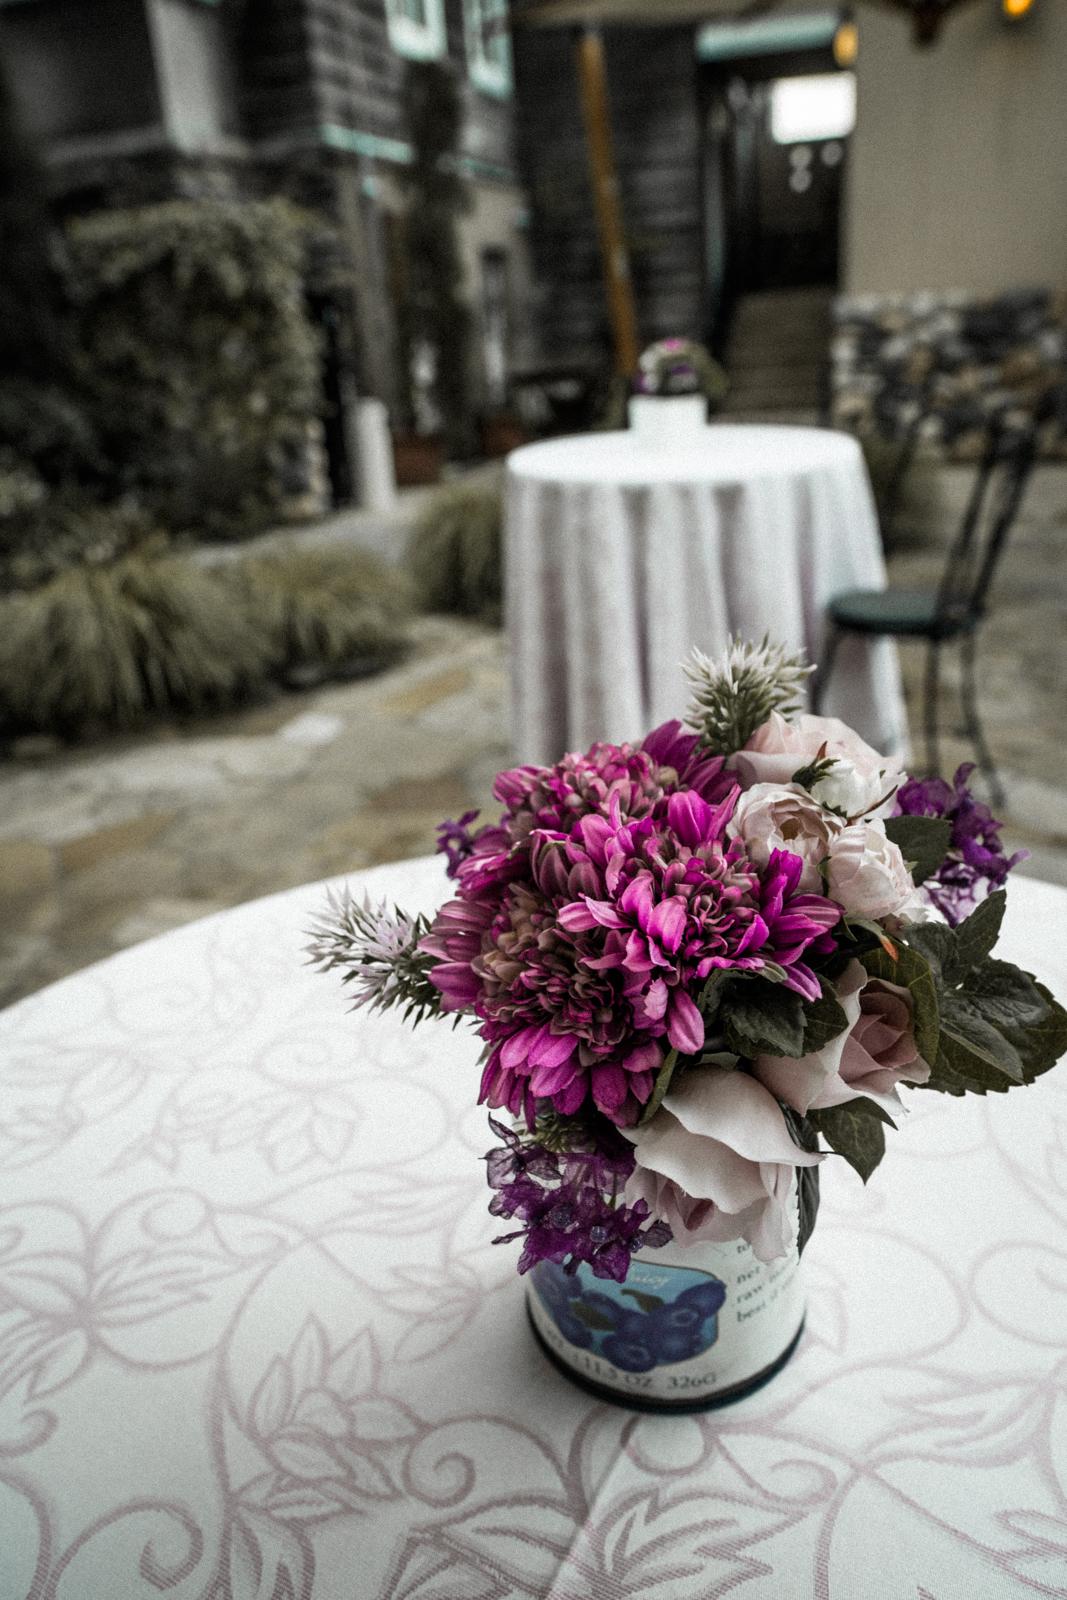 オープンカフェに飾られた造花の写真